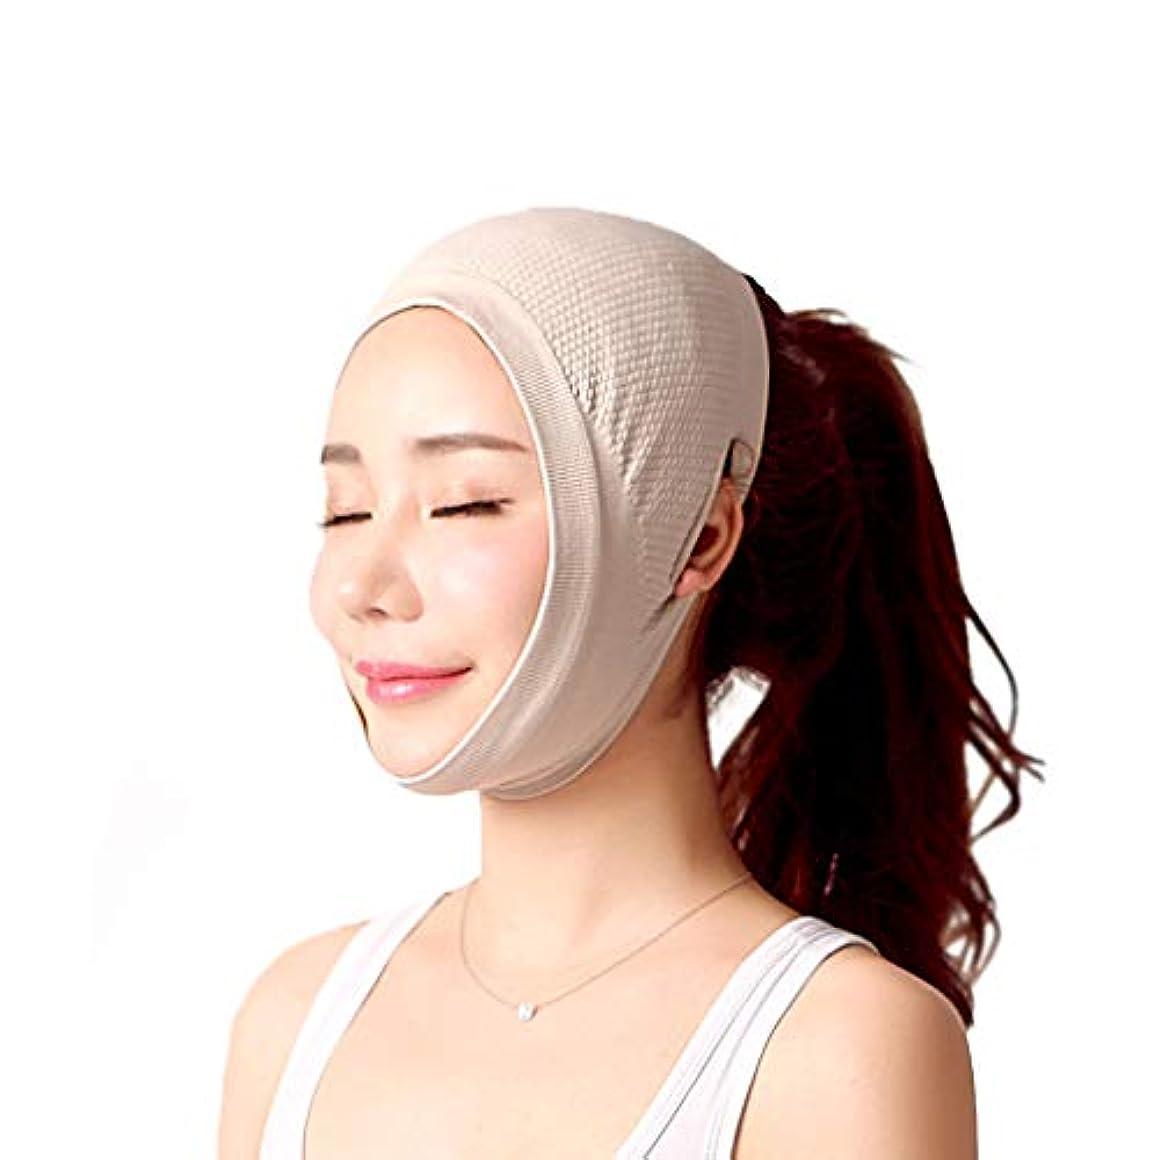 ロールお尻村顔痩身包帯、二重あご、二重あごを減らすために顔を持ち上げる、顔を引き締める、体重を減らすためのマスク(ワンサイズ)